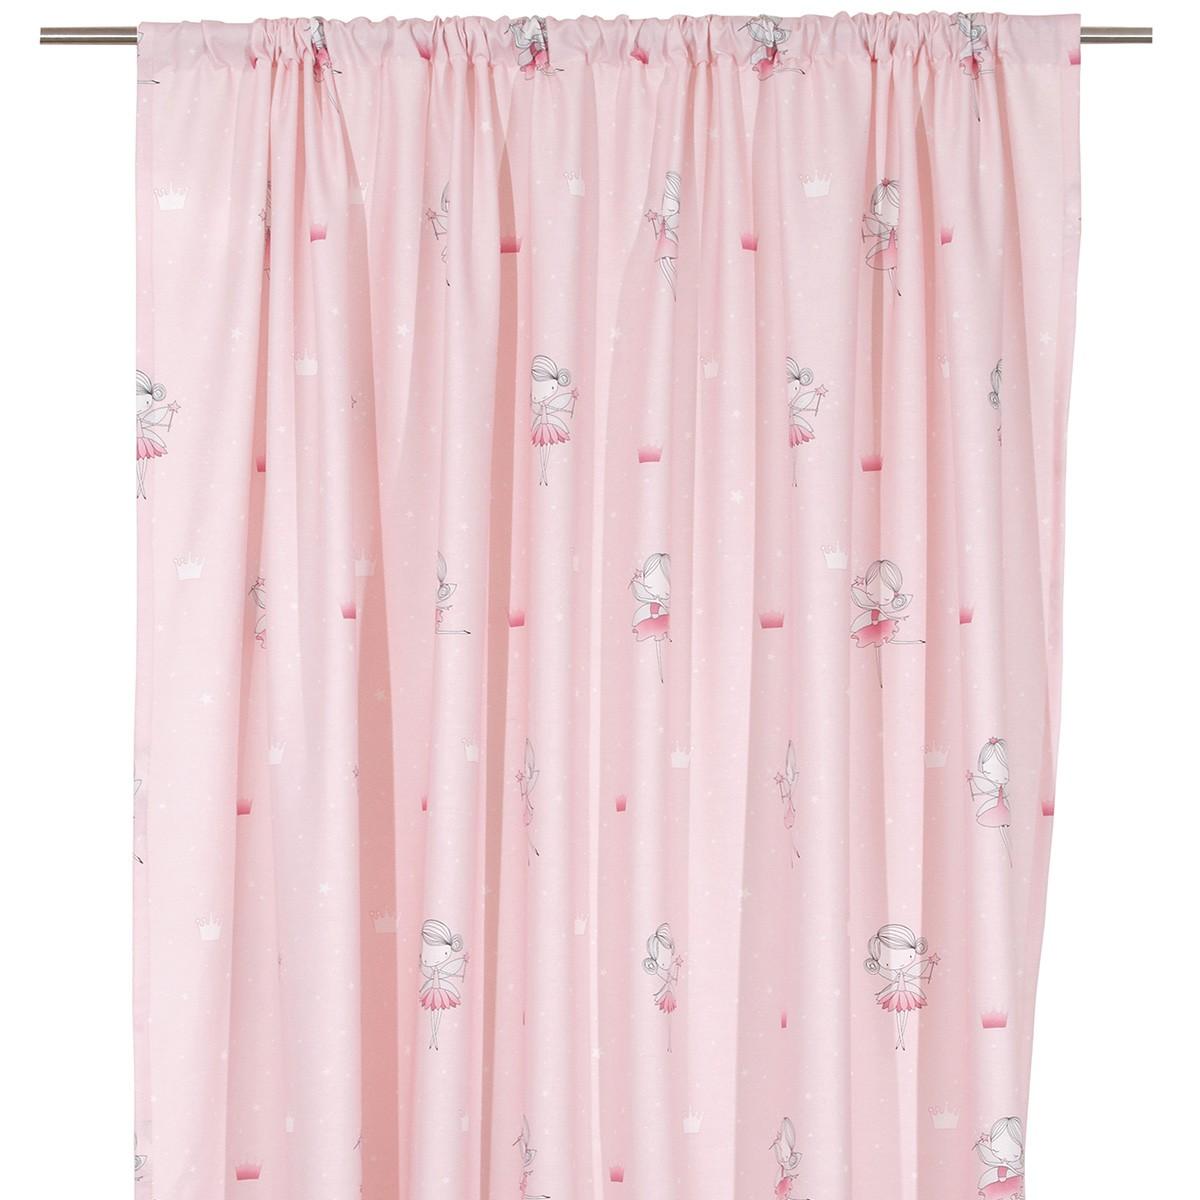 Παιδική Κουρτίνα (280×270) Viopros Curtains Μάγια